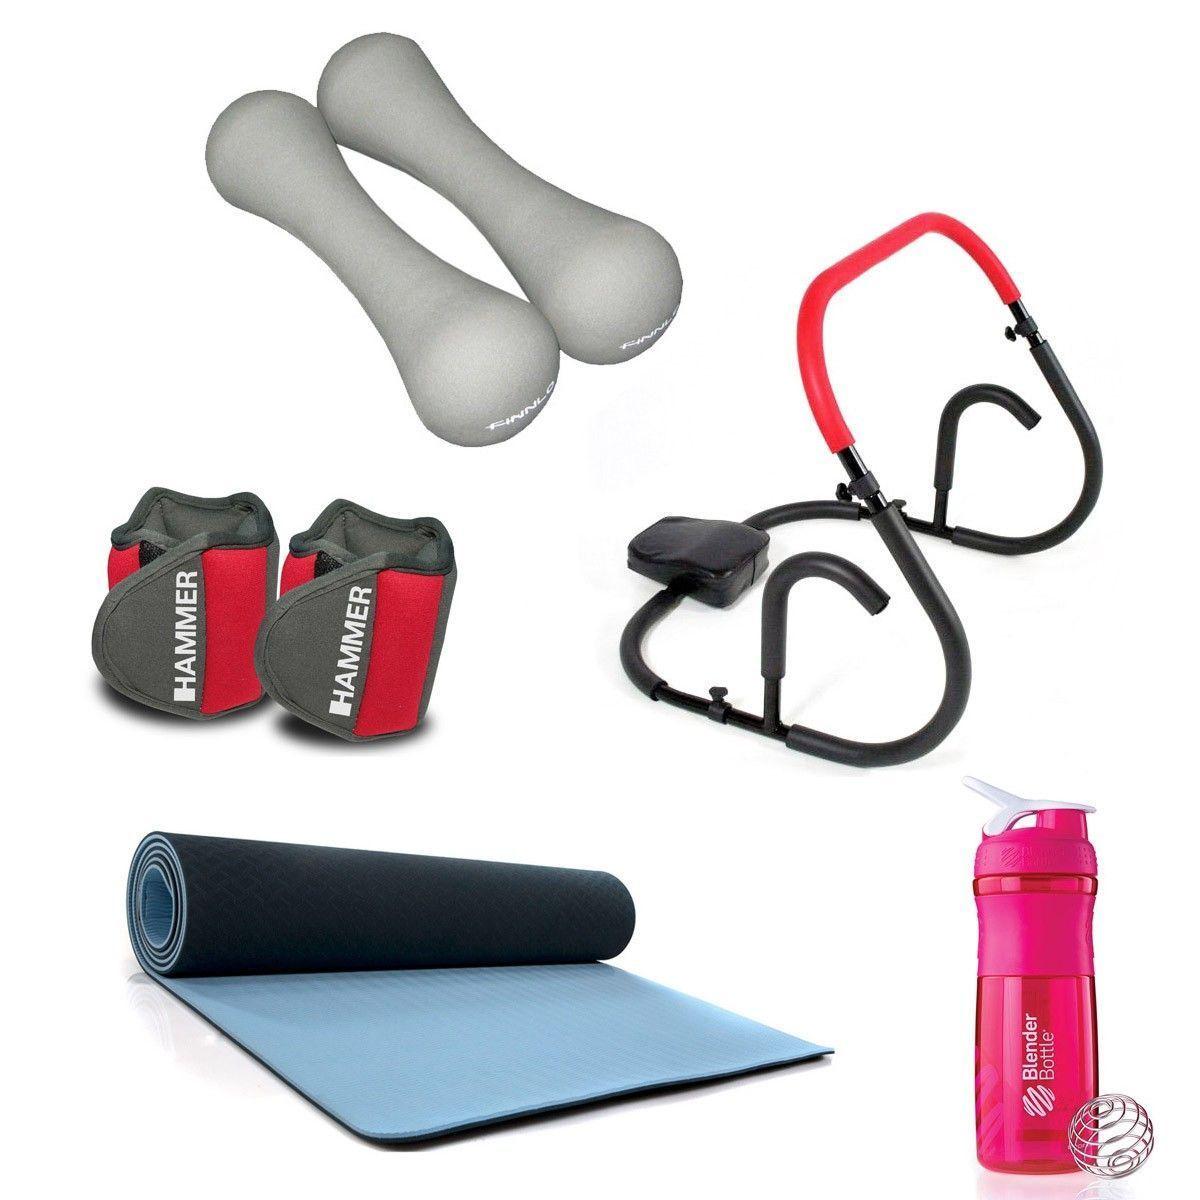 Unsere Empfehlung für einen straffen Körper: das Bikini Fit Set #fitness #work ... -  Unsere Empfehl...